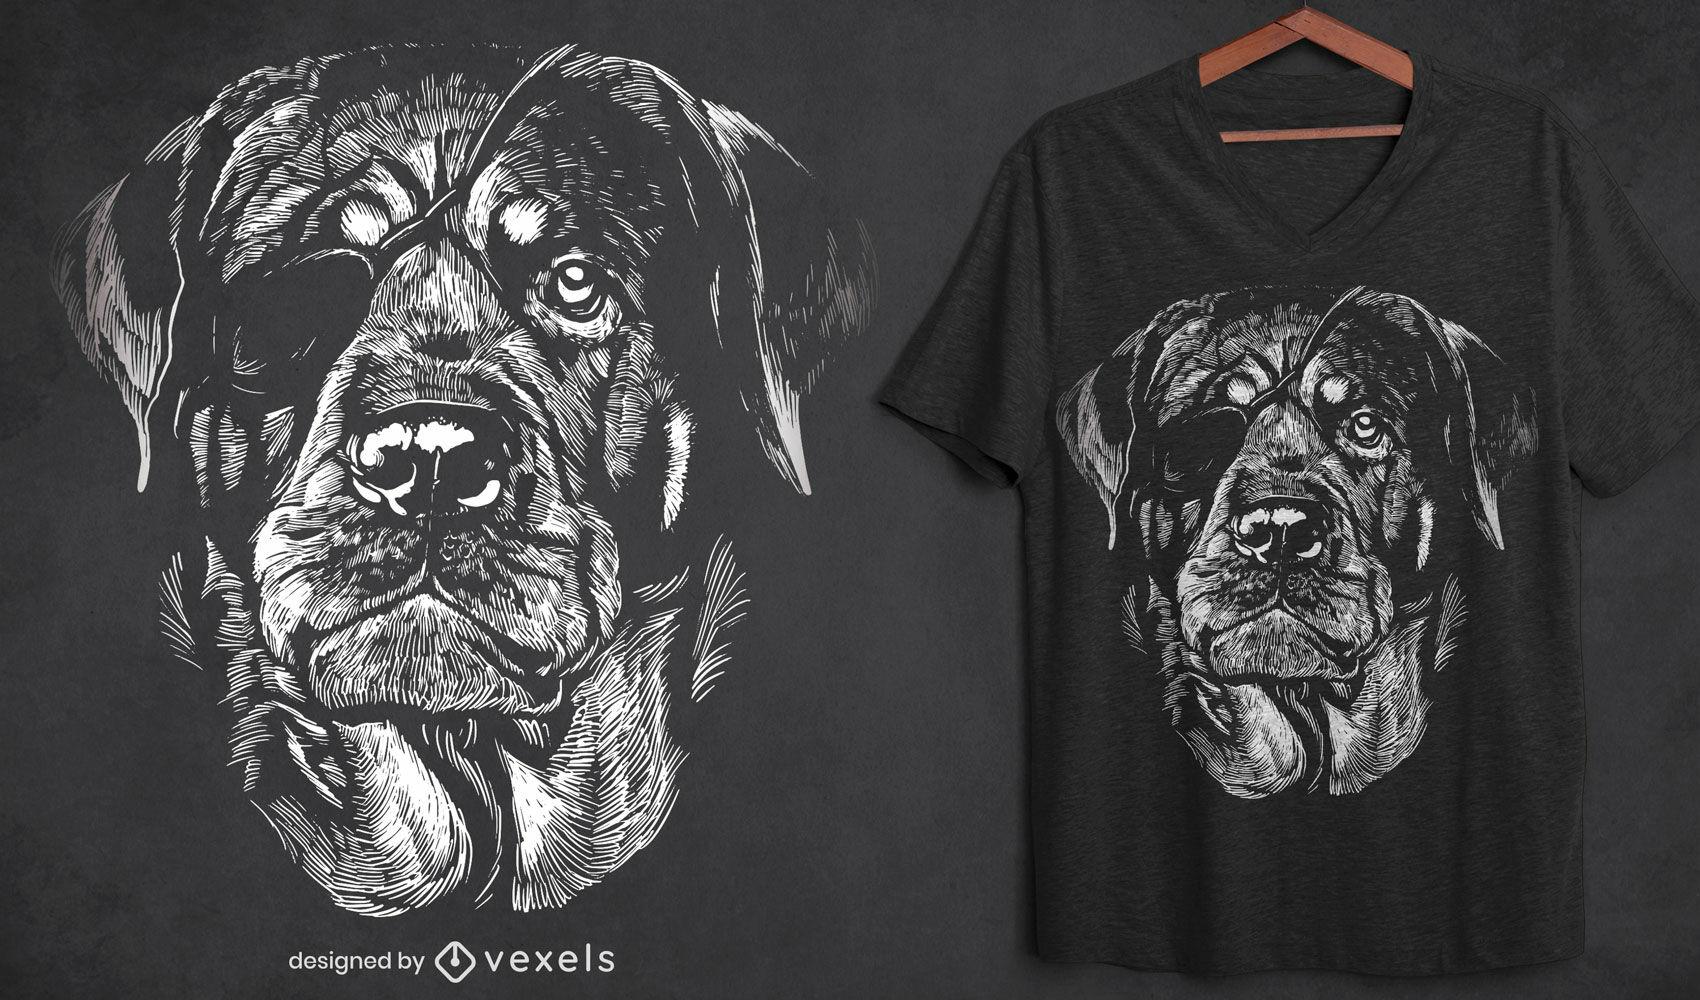 Perro rottweiler con dise?o de camiseta con parche en el ojo